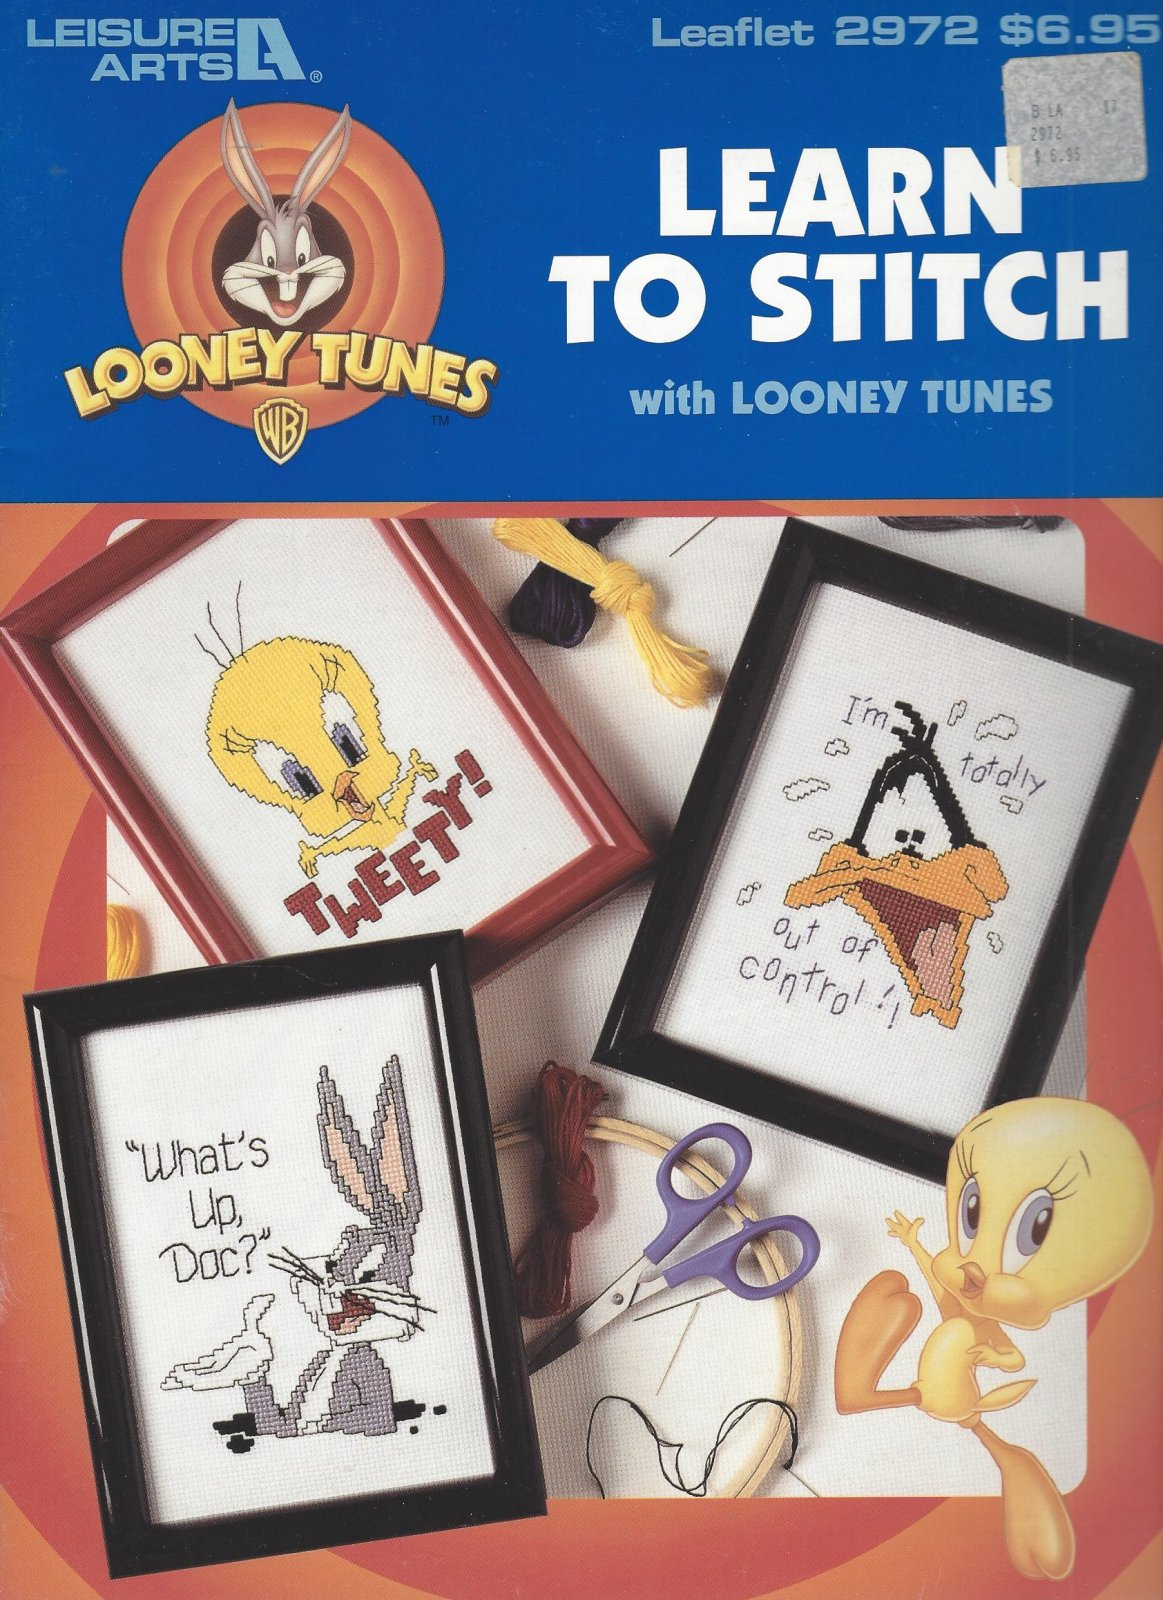 Leisure Arts Leaflet 2972